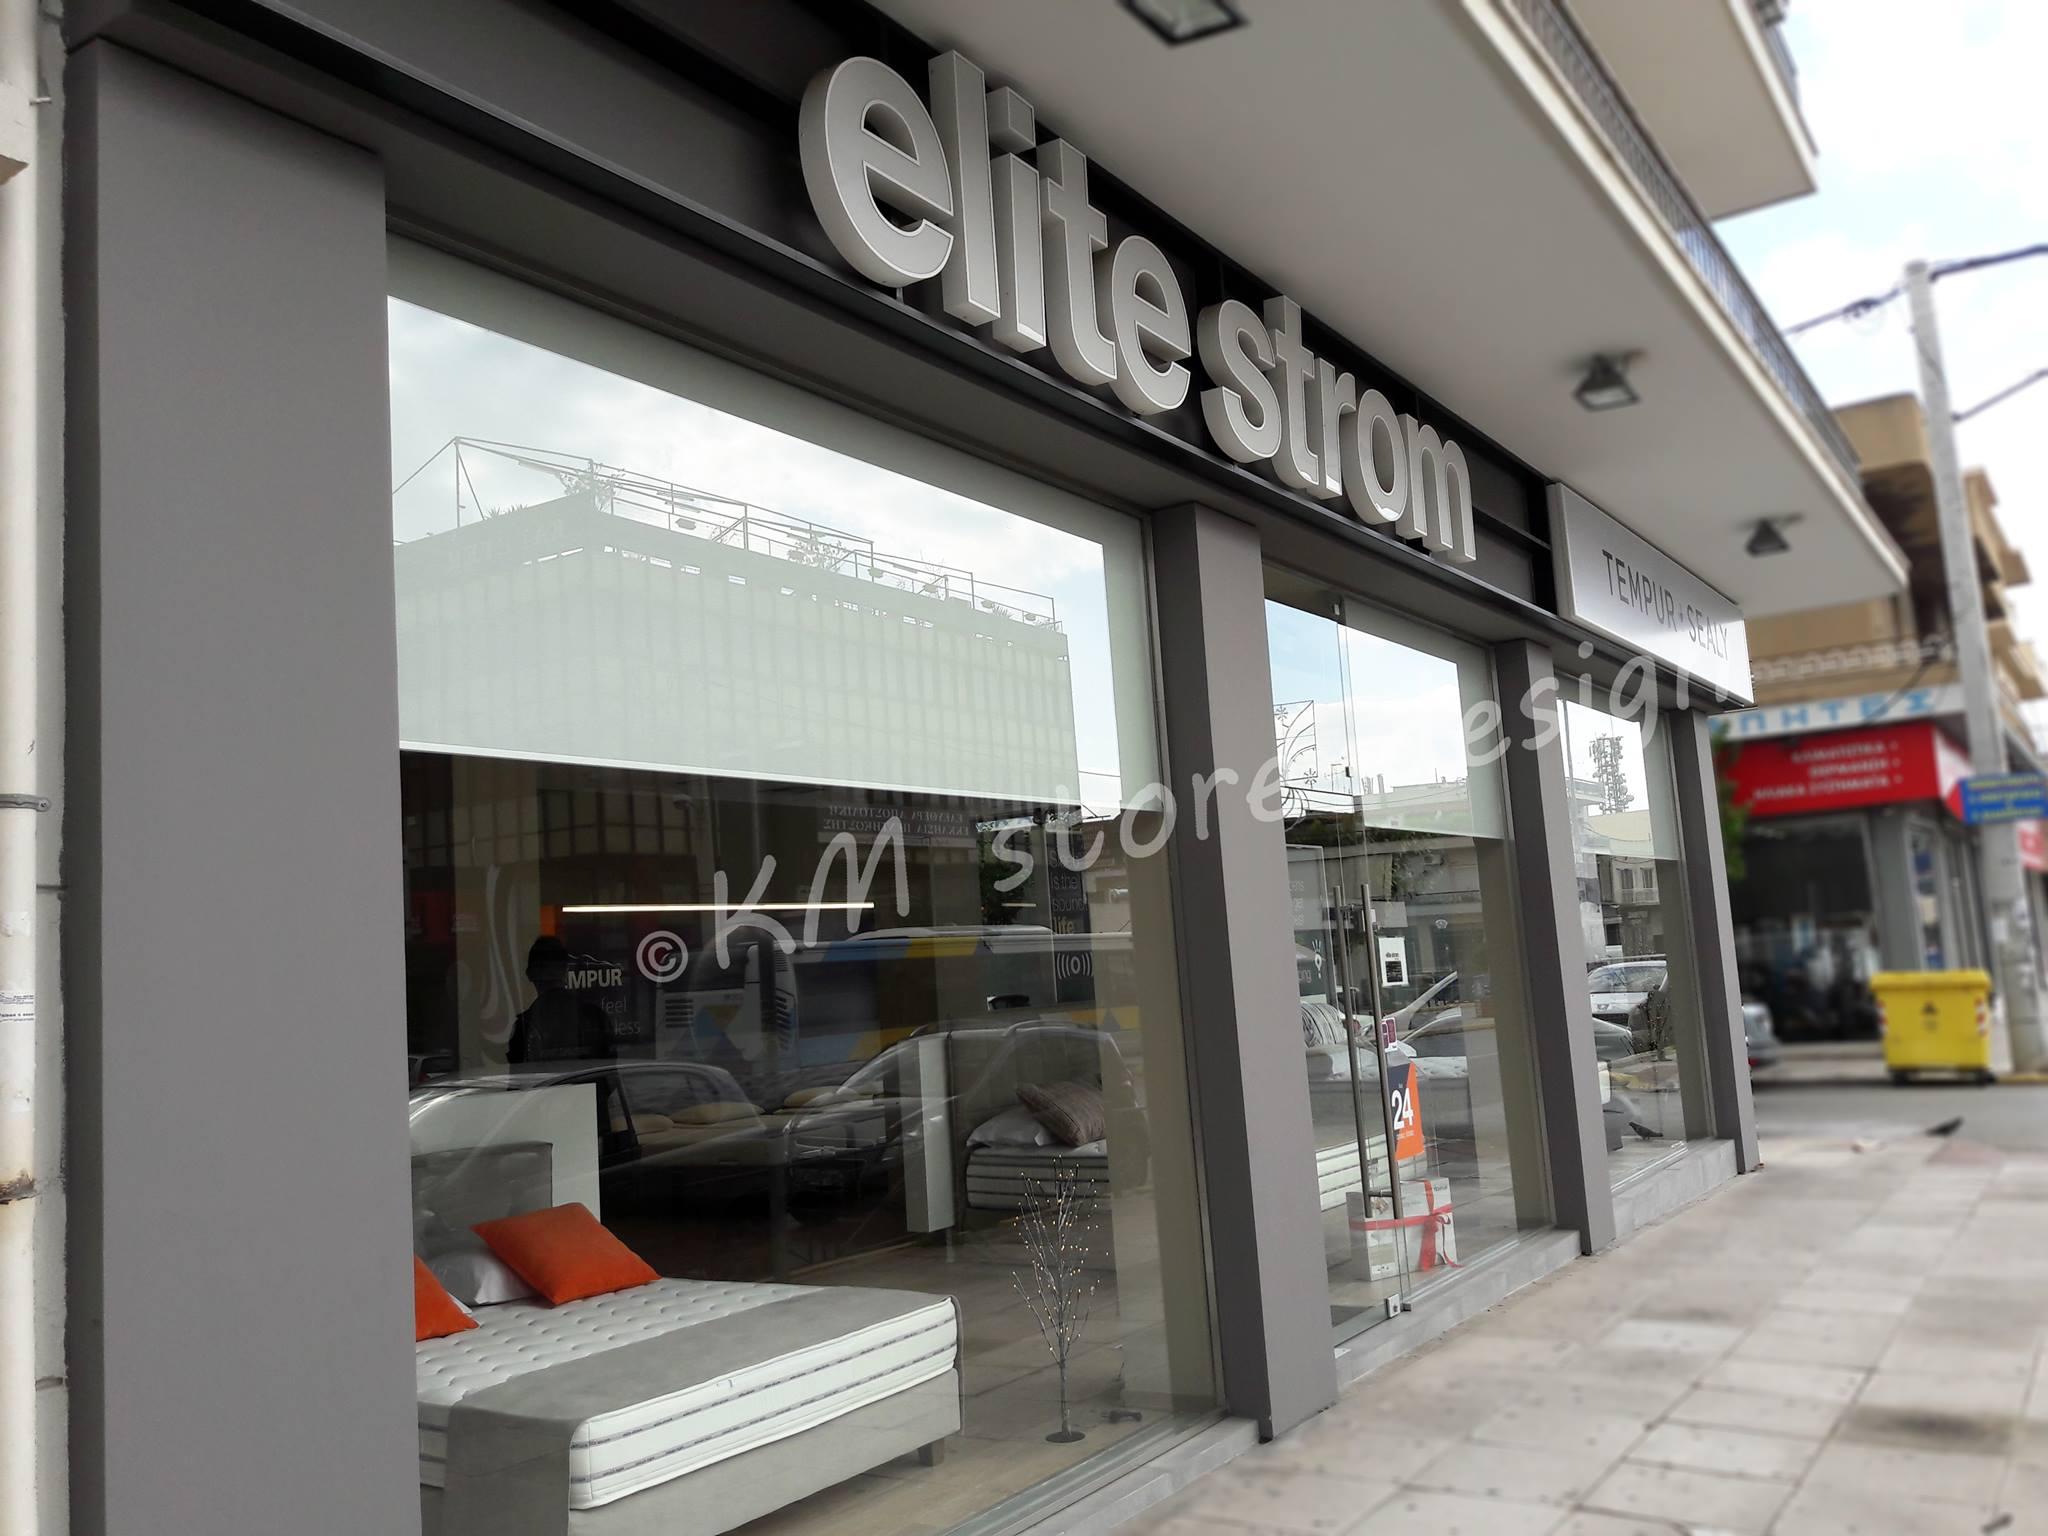 elite strom κρεβατια Επίπλωση Elite Strom Αιγάλεω   KM store design elite strom κρεβατια